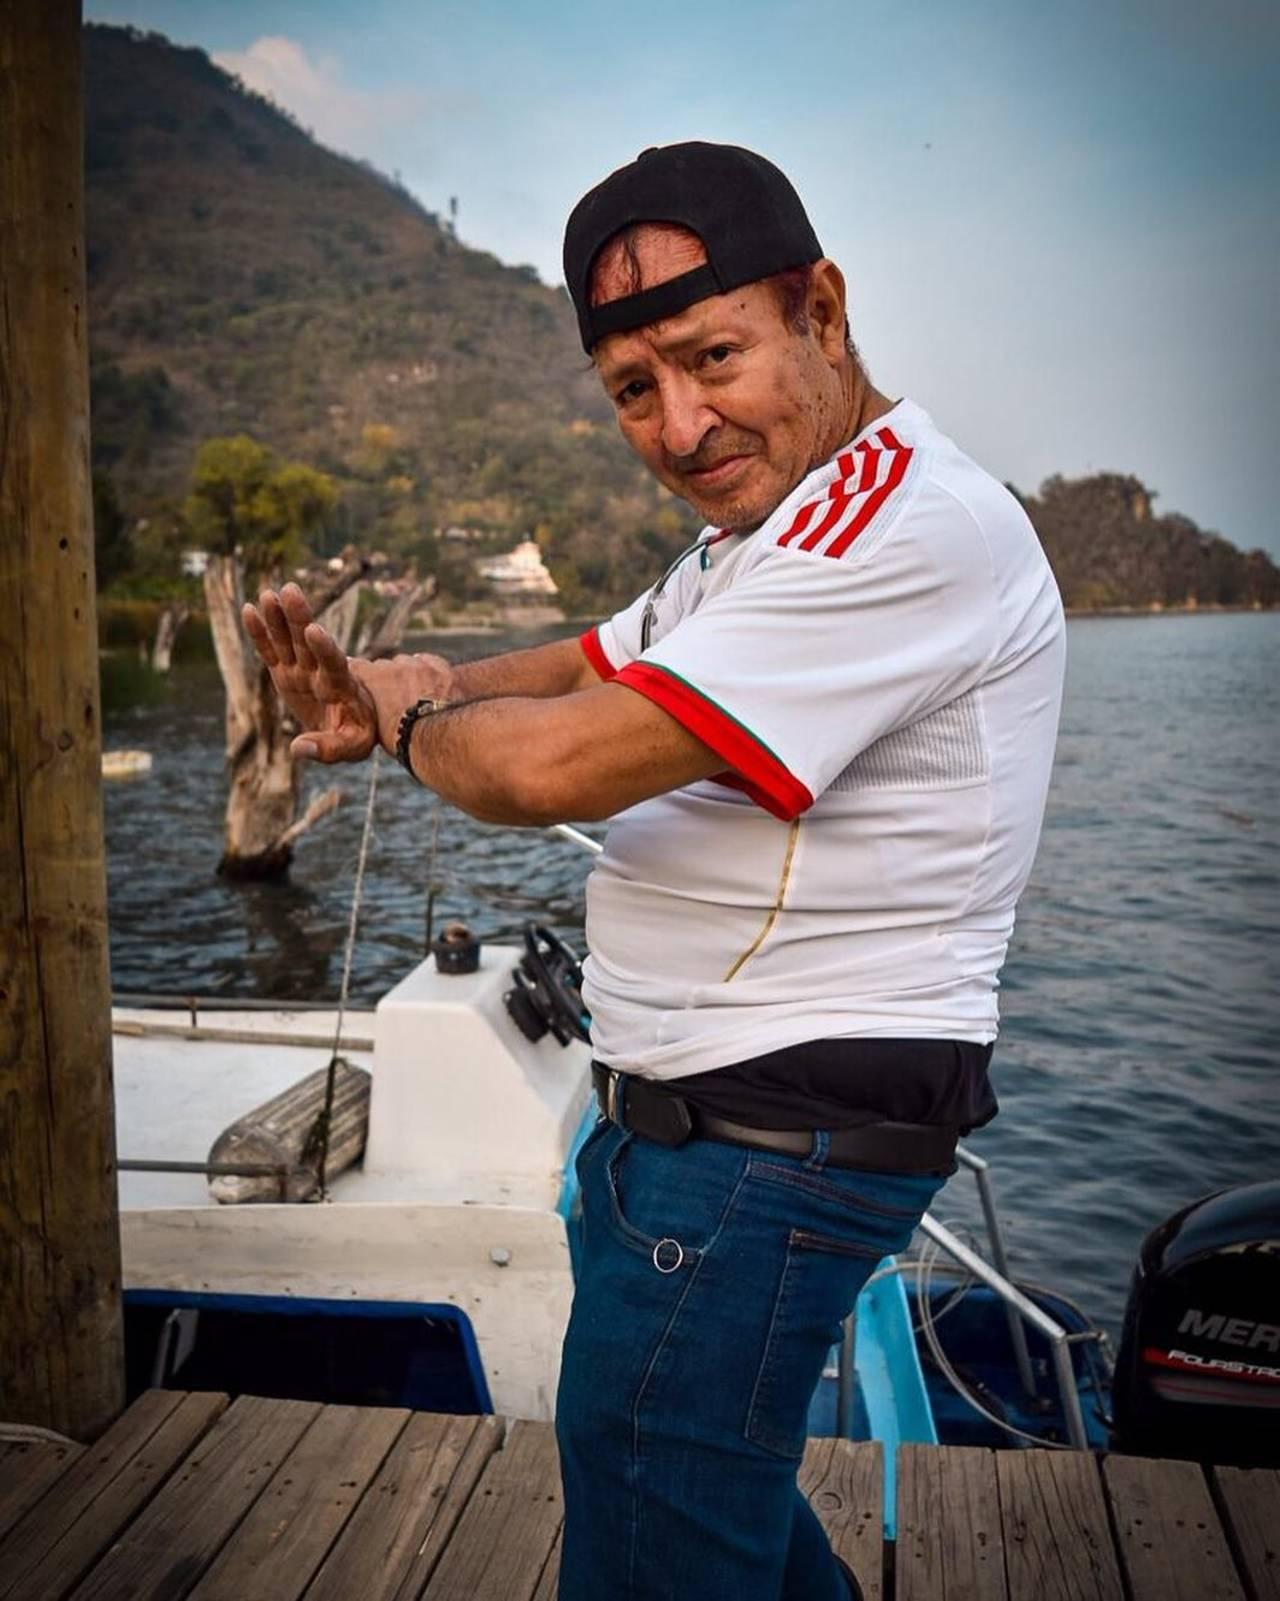 Sammy Pérez sufre complicaciones por Covid y es hospitalizado de emergencia